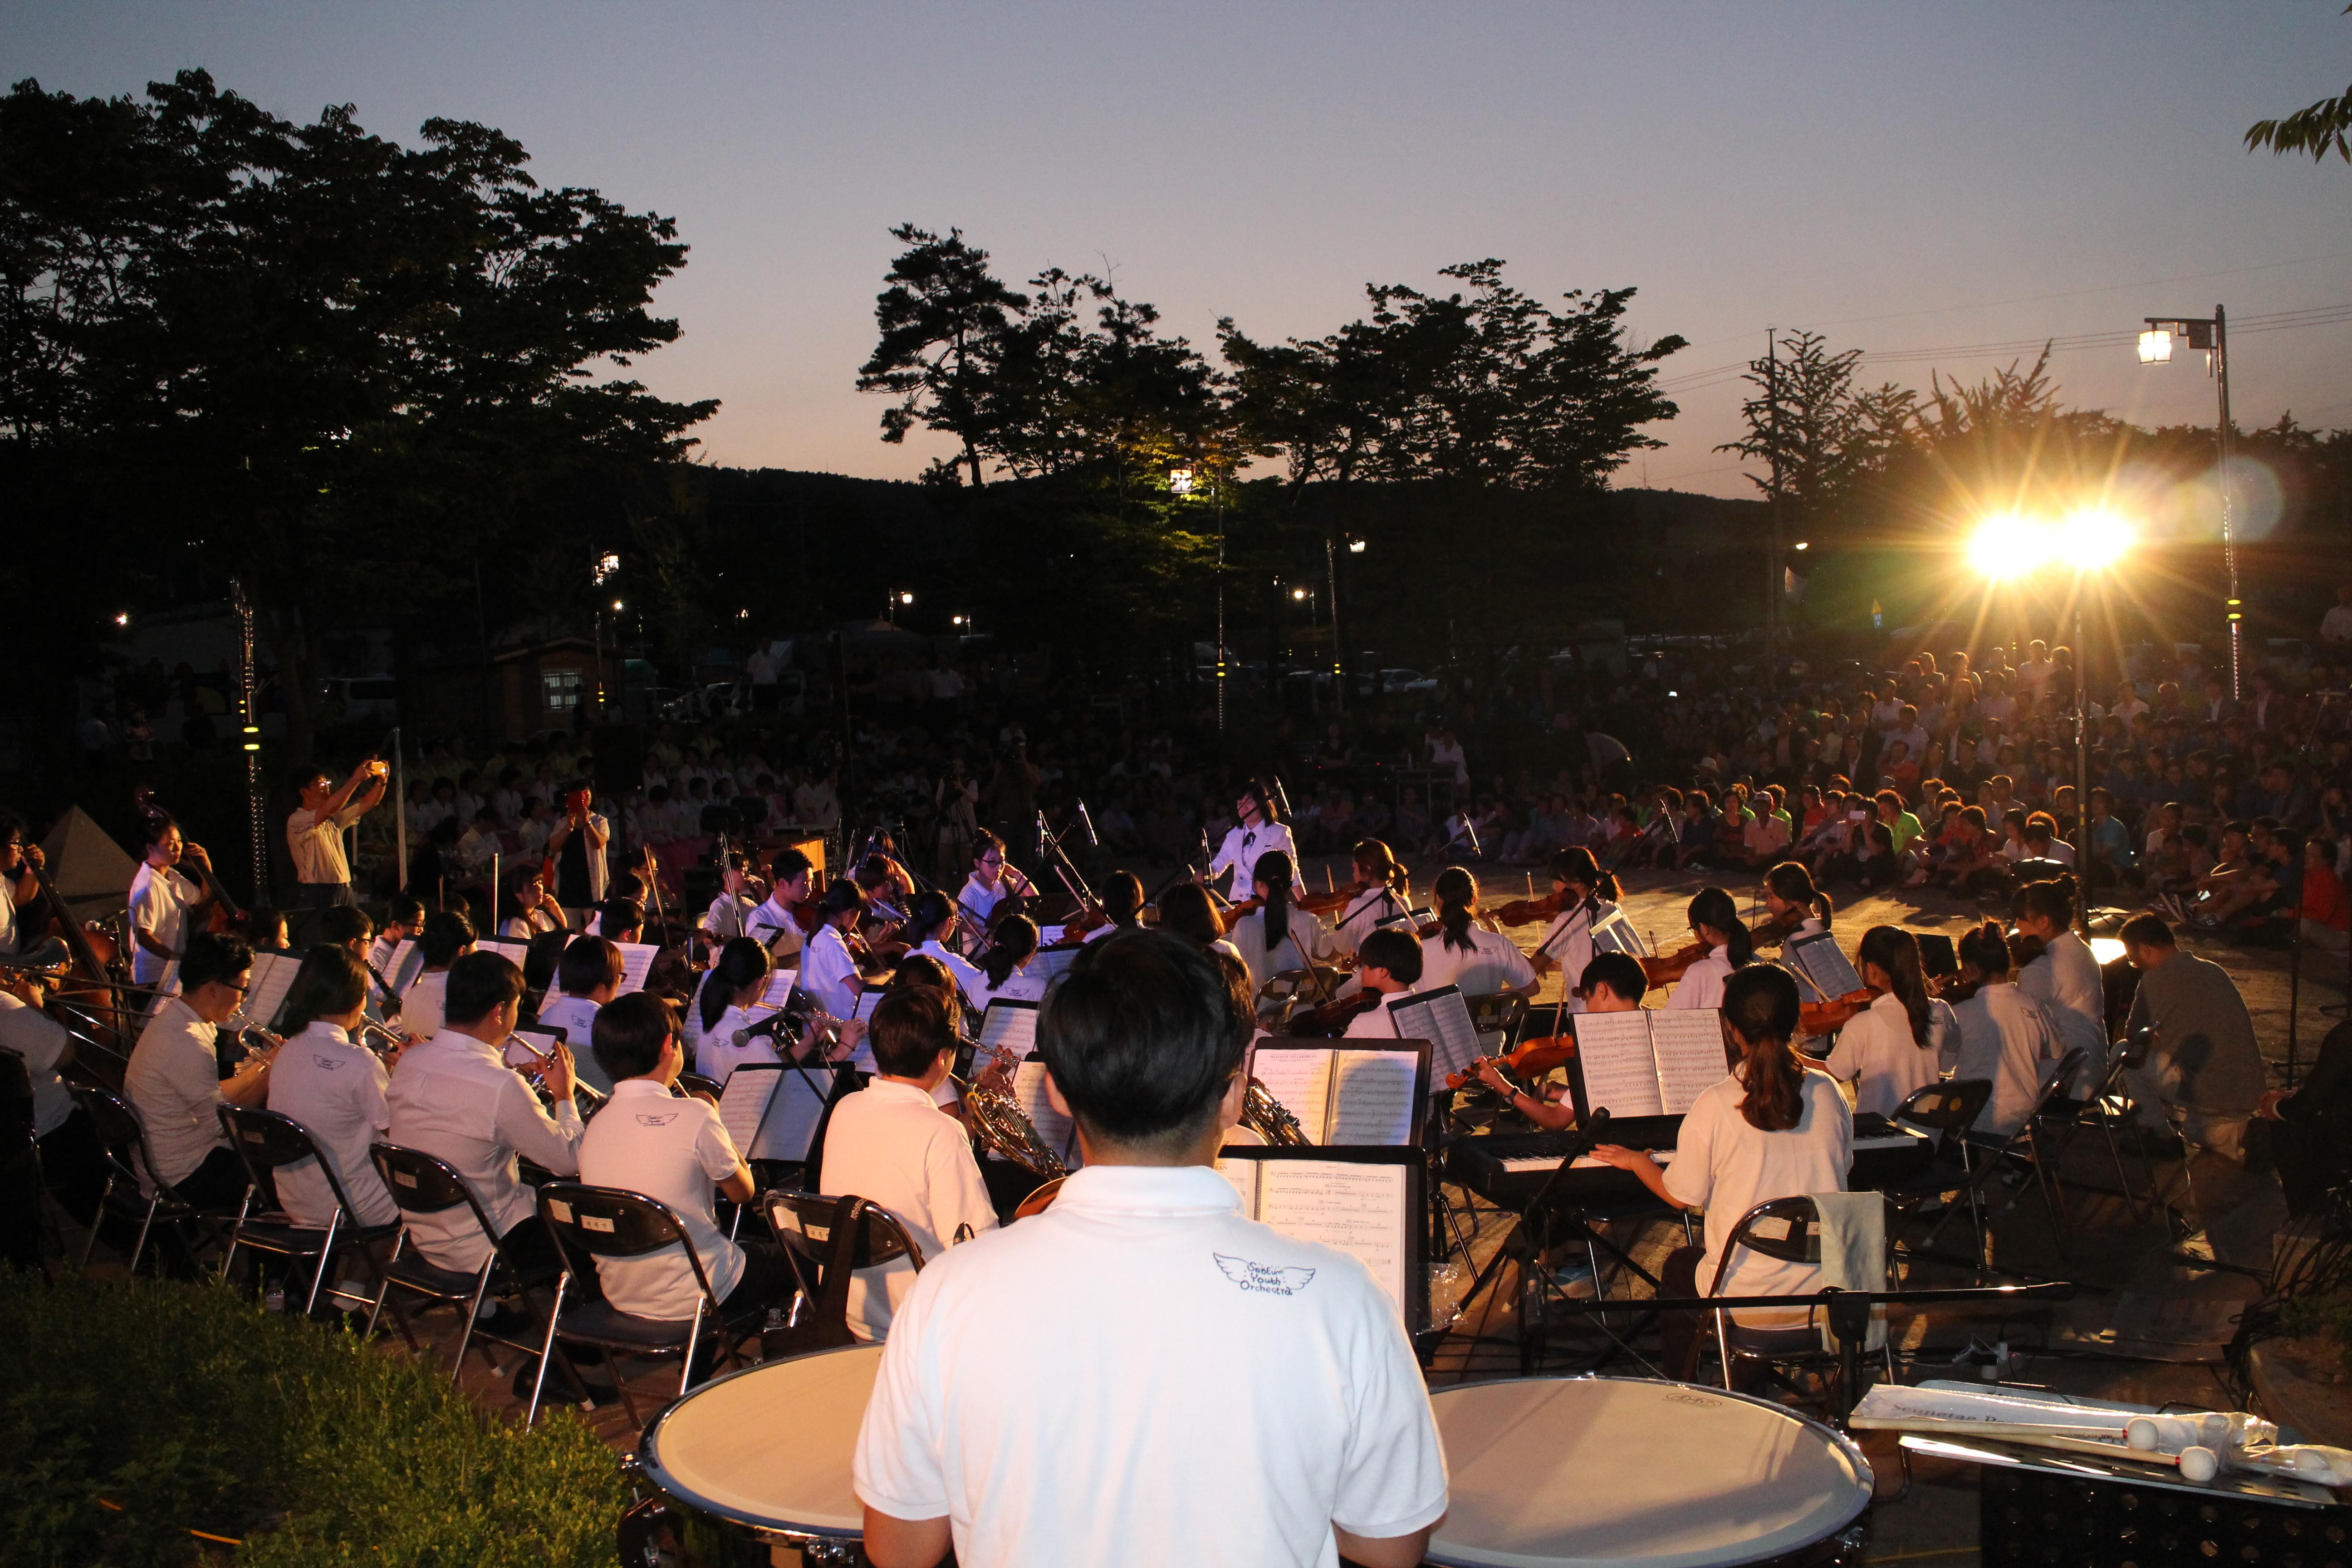 슬로시티 대흥을 수놓은 여름날의 콘서트